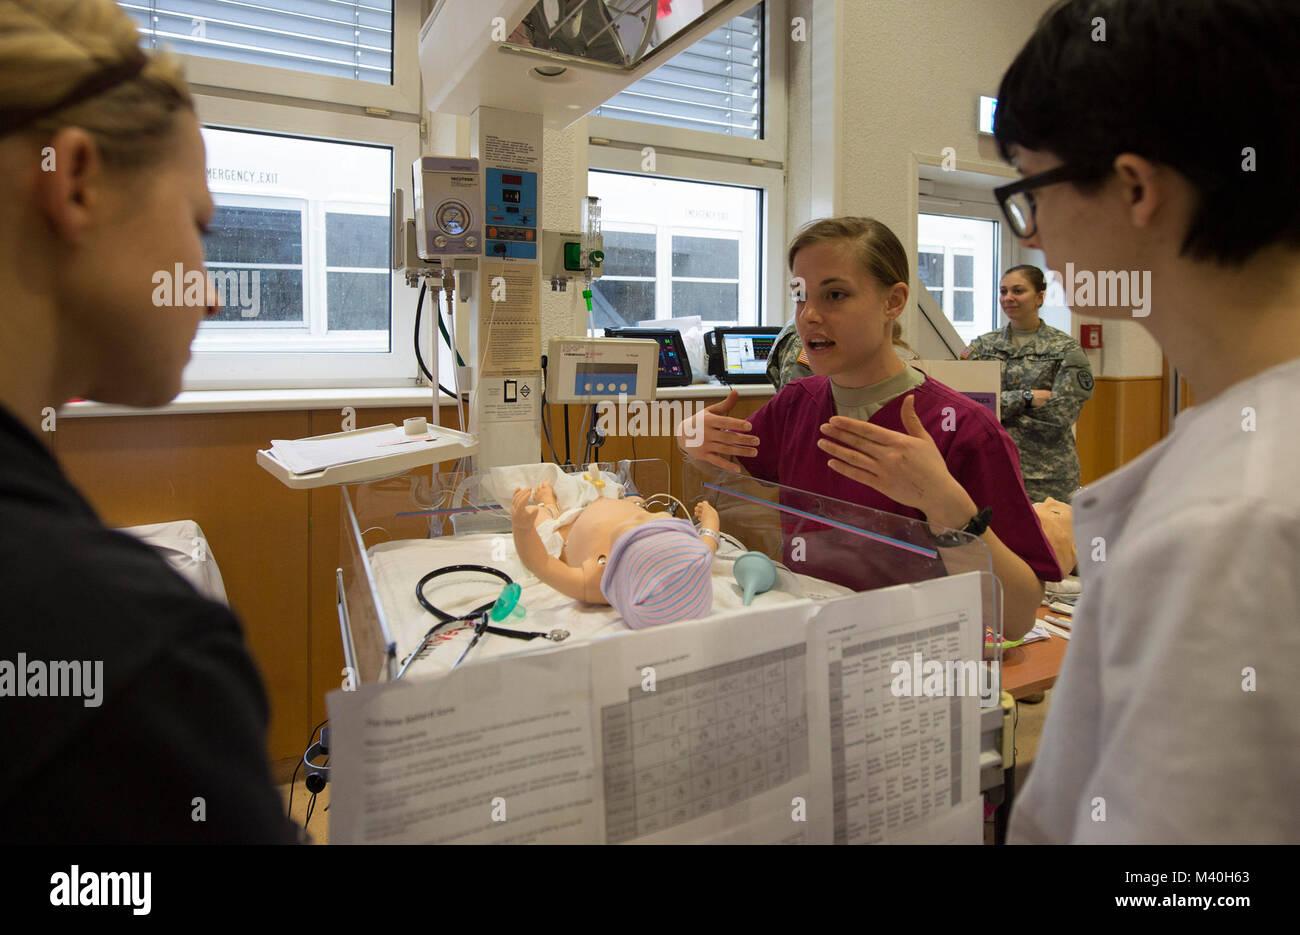 Ausgezeichnet Fähigkeiten Für Die Krankenpflege Ideen ...